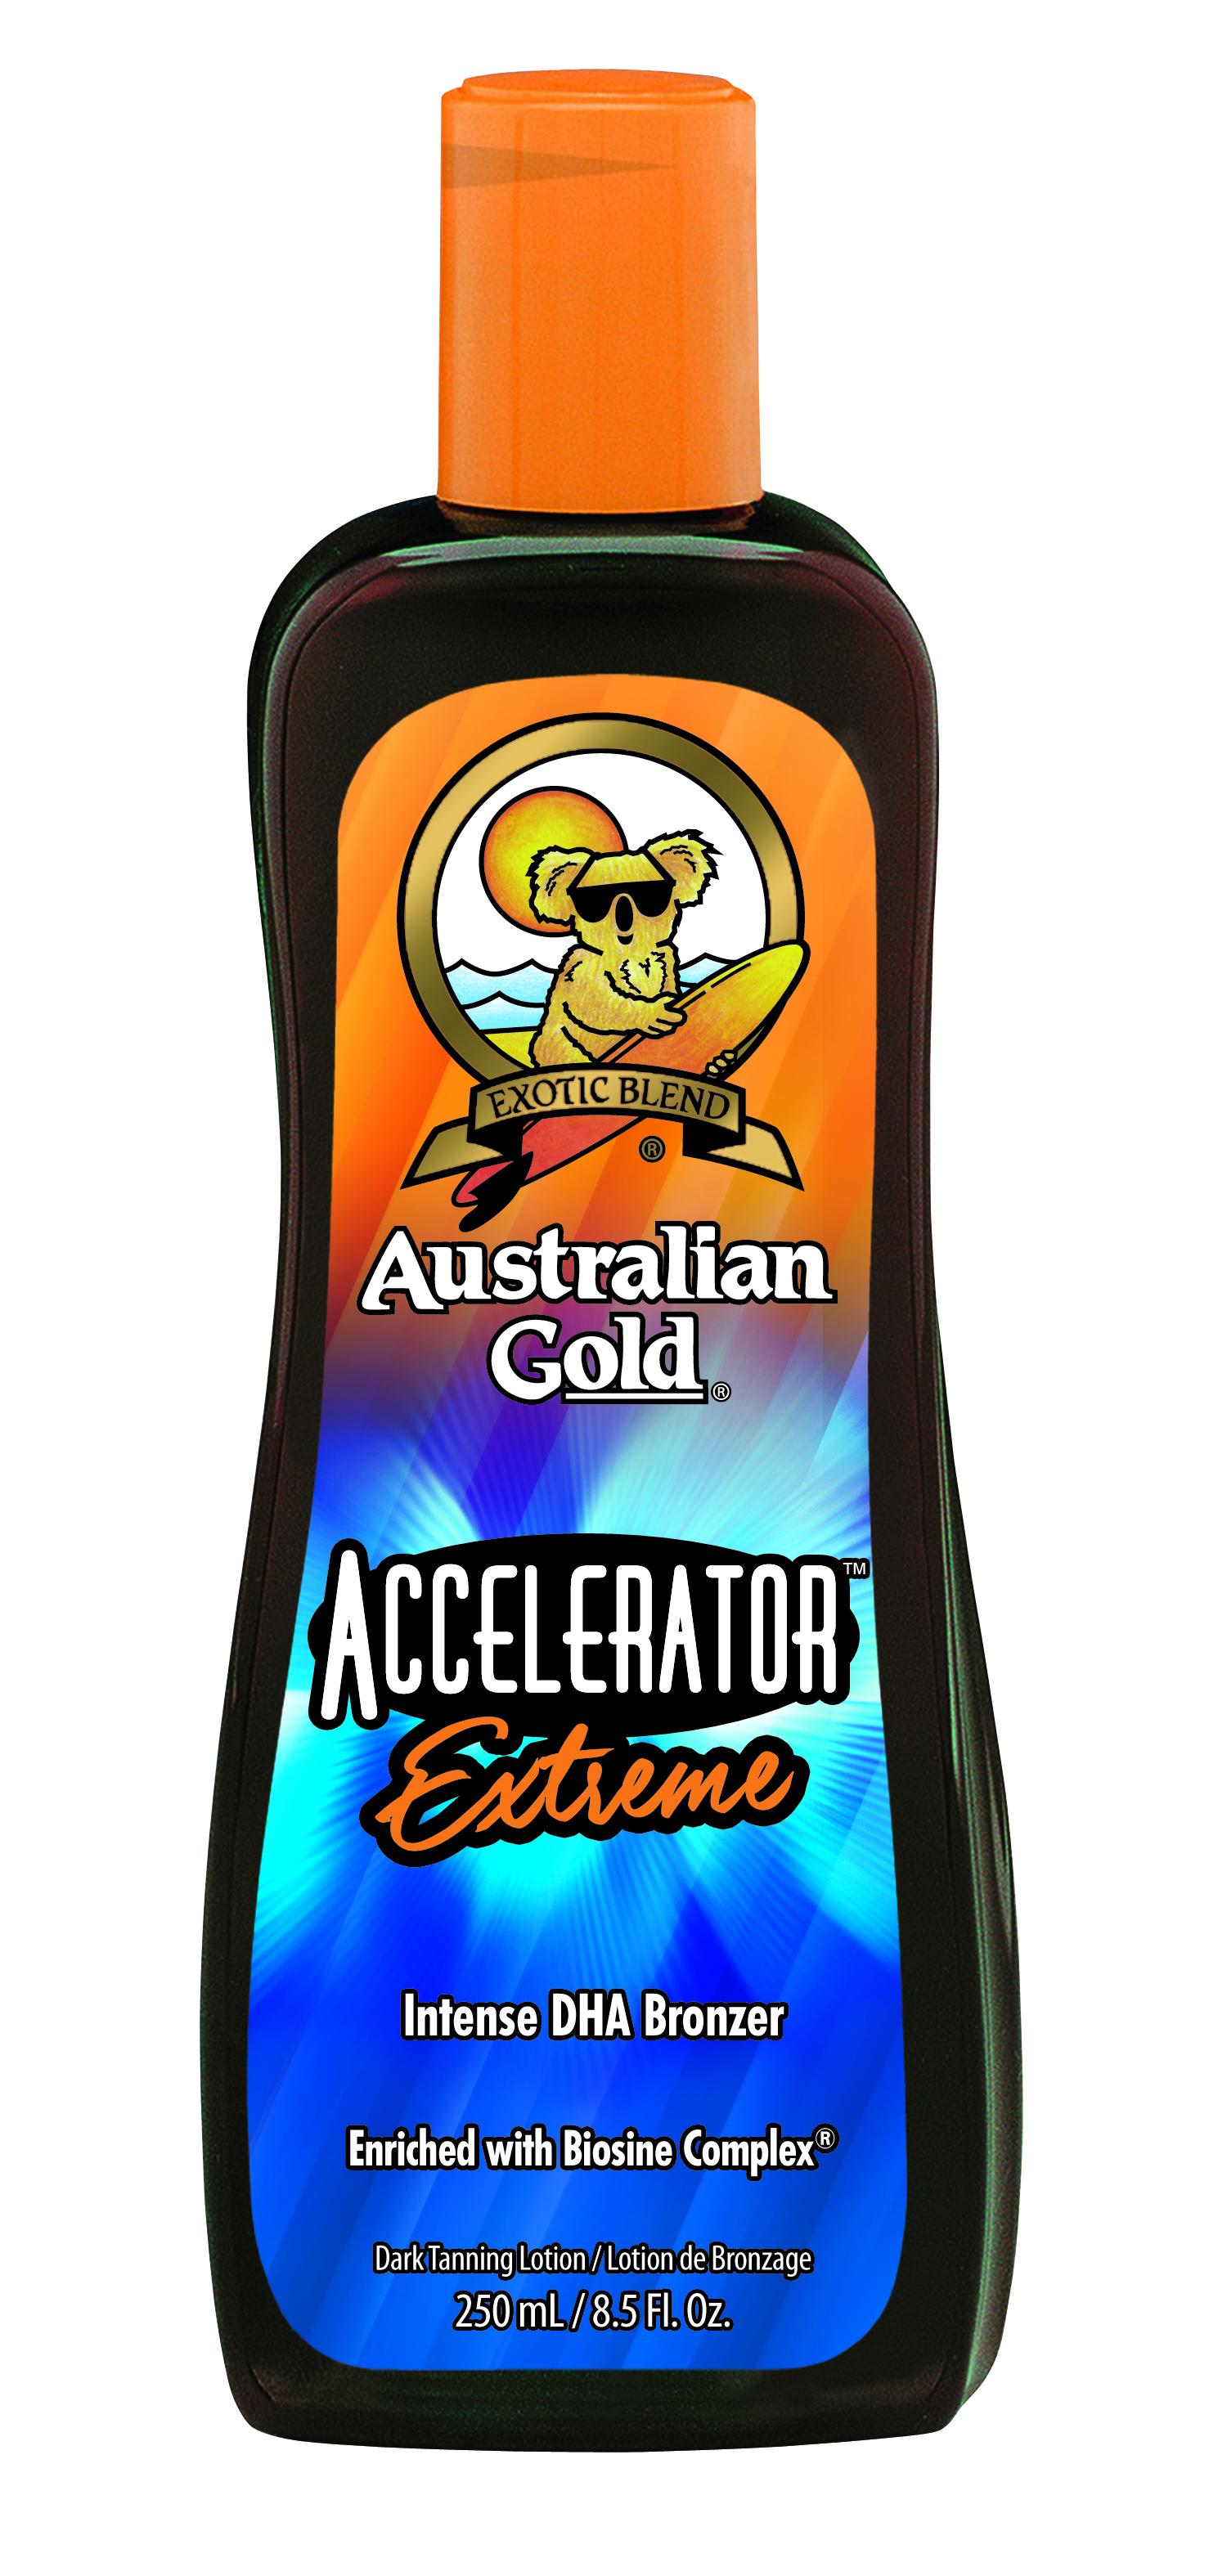 Accelerator Extreme™ Intense DHA Bronzer